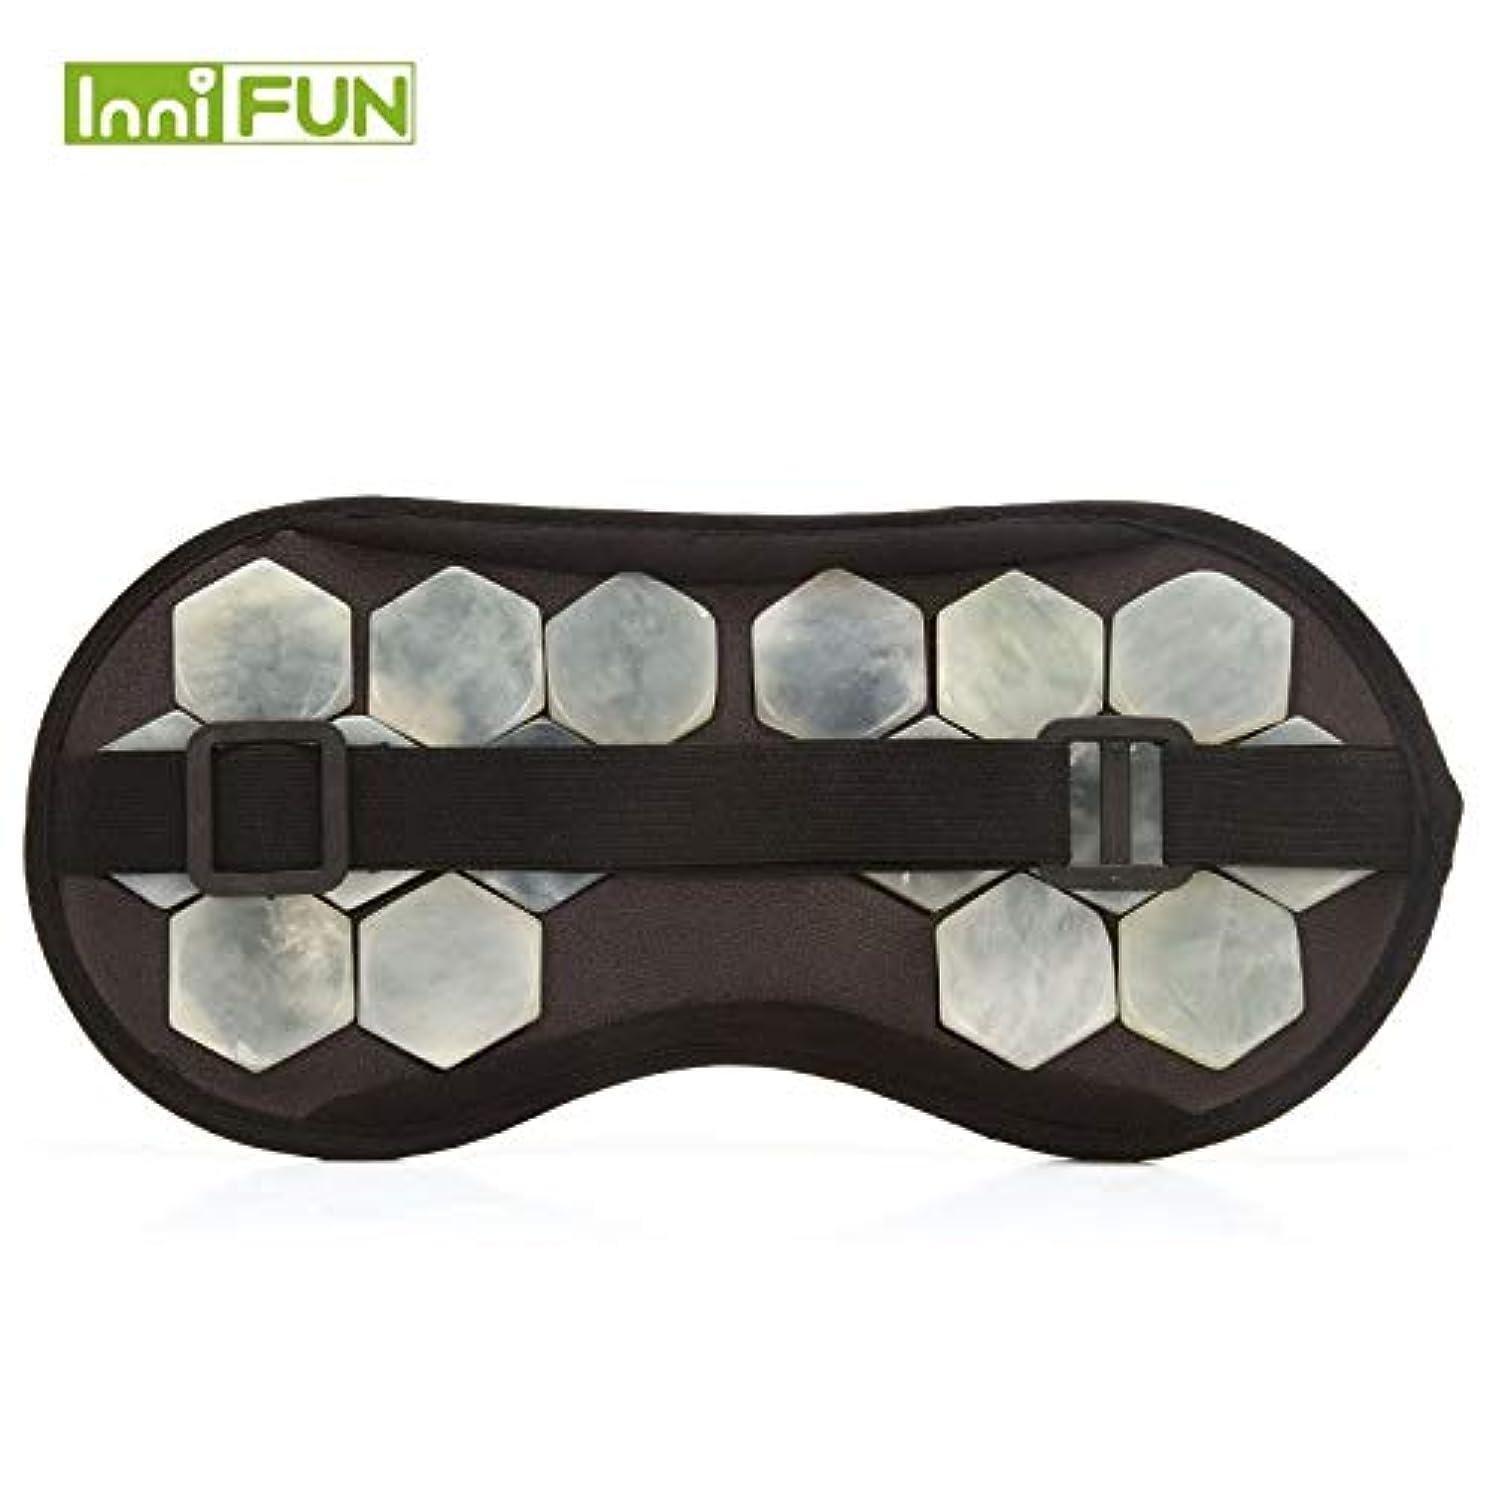 削る補助金統治するNOTE 高品質アイケアトルマリン磁気療法抗疲労アイマッサージャー睡眠/旅行アイパッチマスクアイシェードマスク目隠し